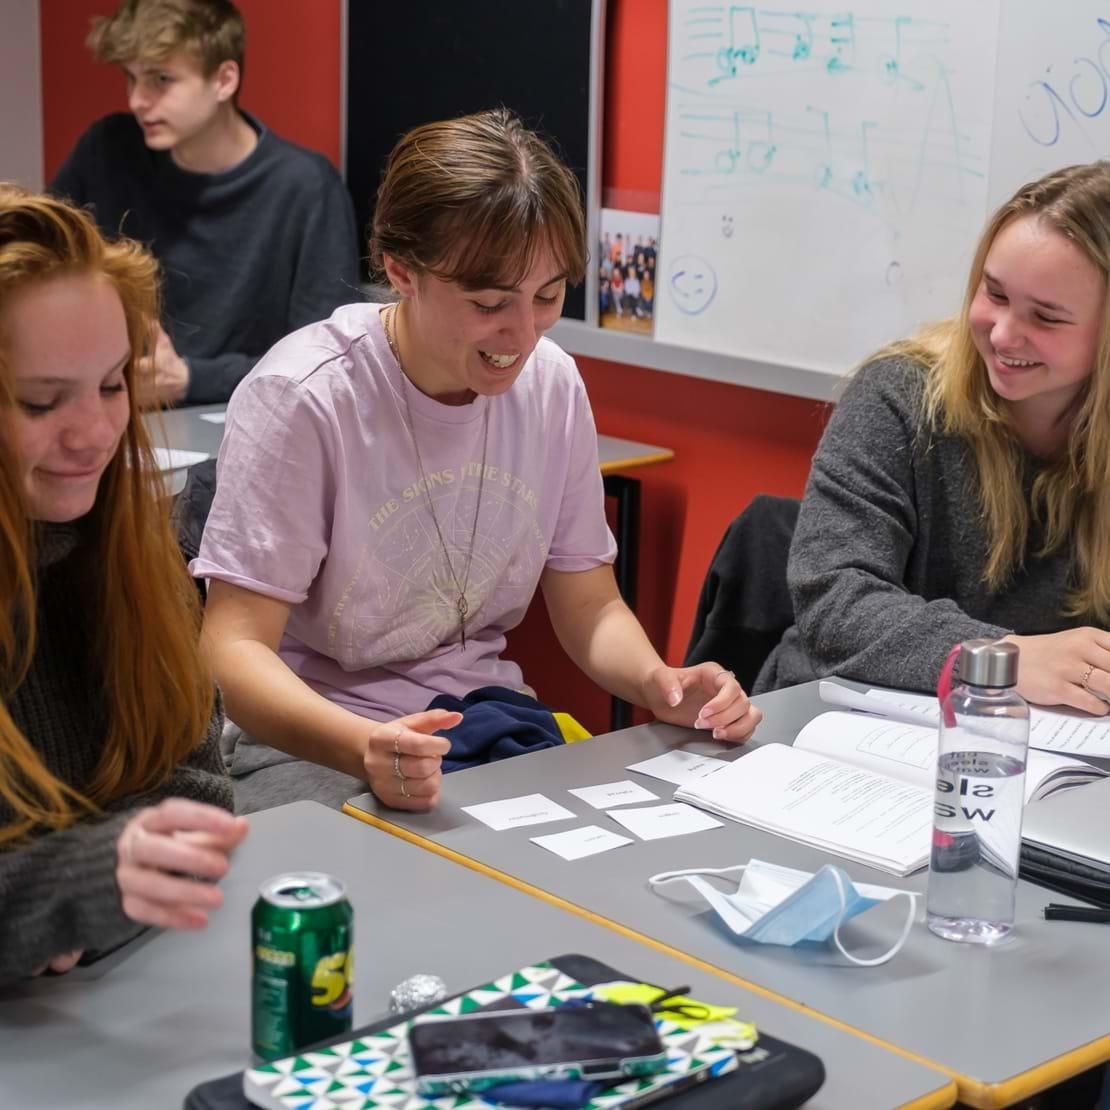 Tre piger laver gruppearbejde med små, hvide sedler